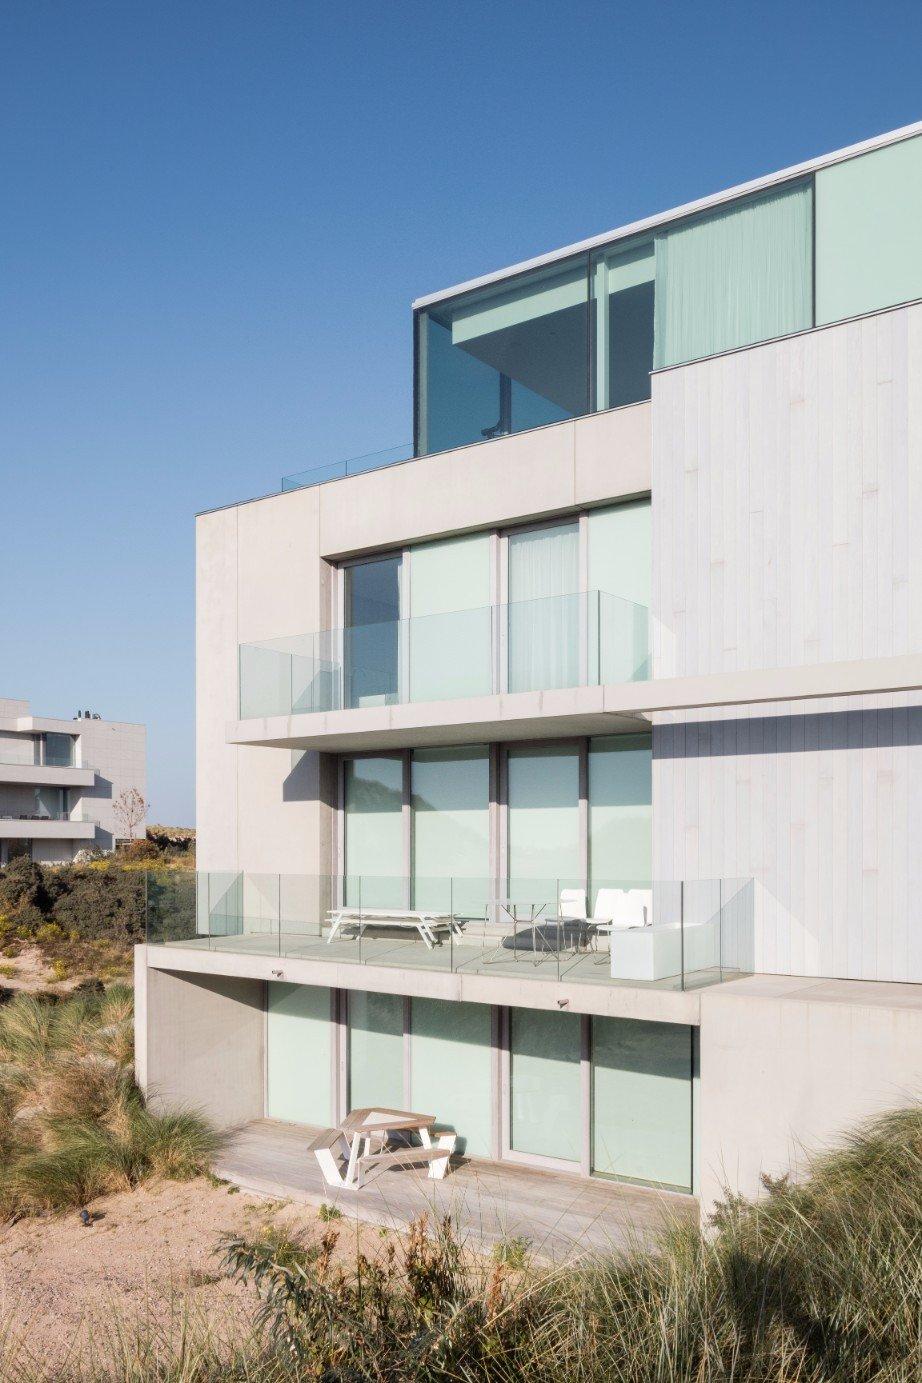 Rietveldprojects-saarinen-appartement-design-architectuur-kust-tvdv9